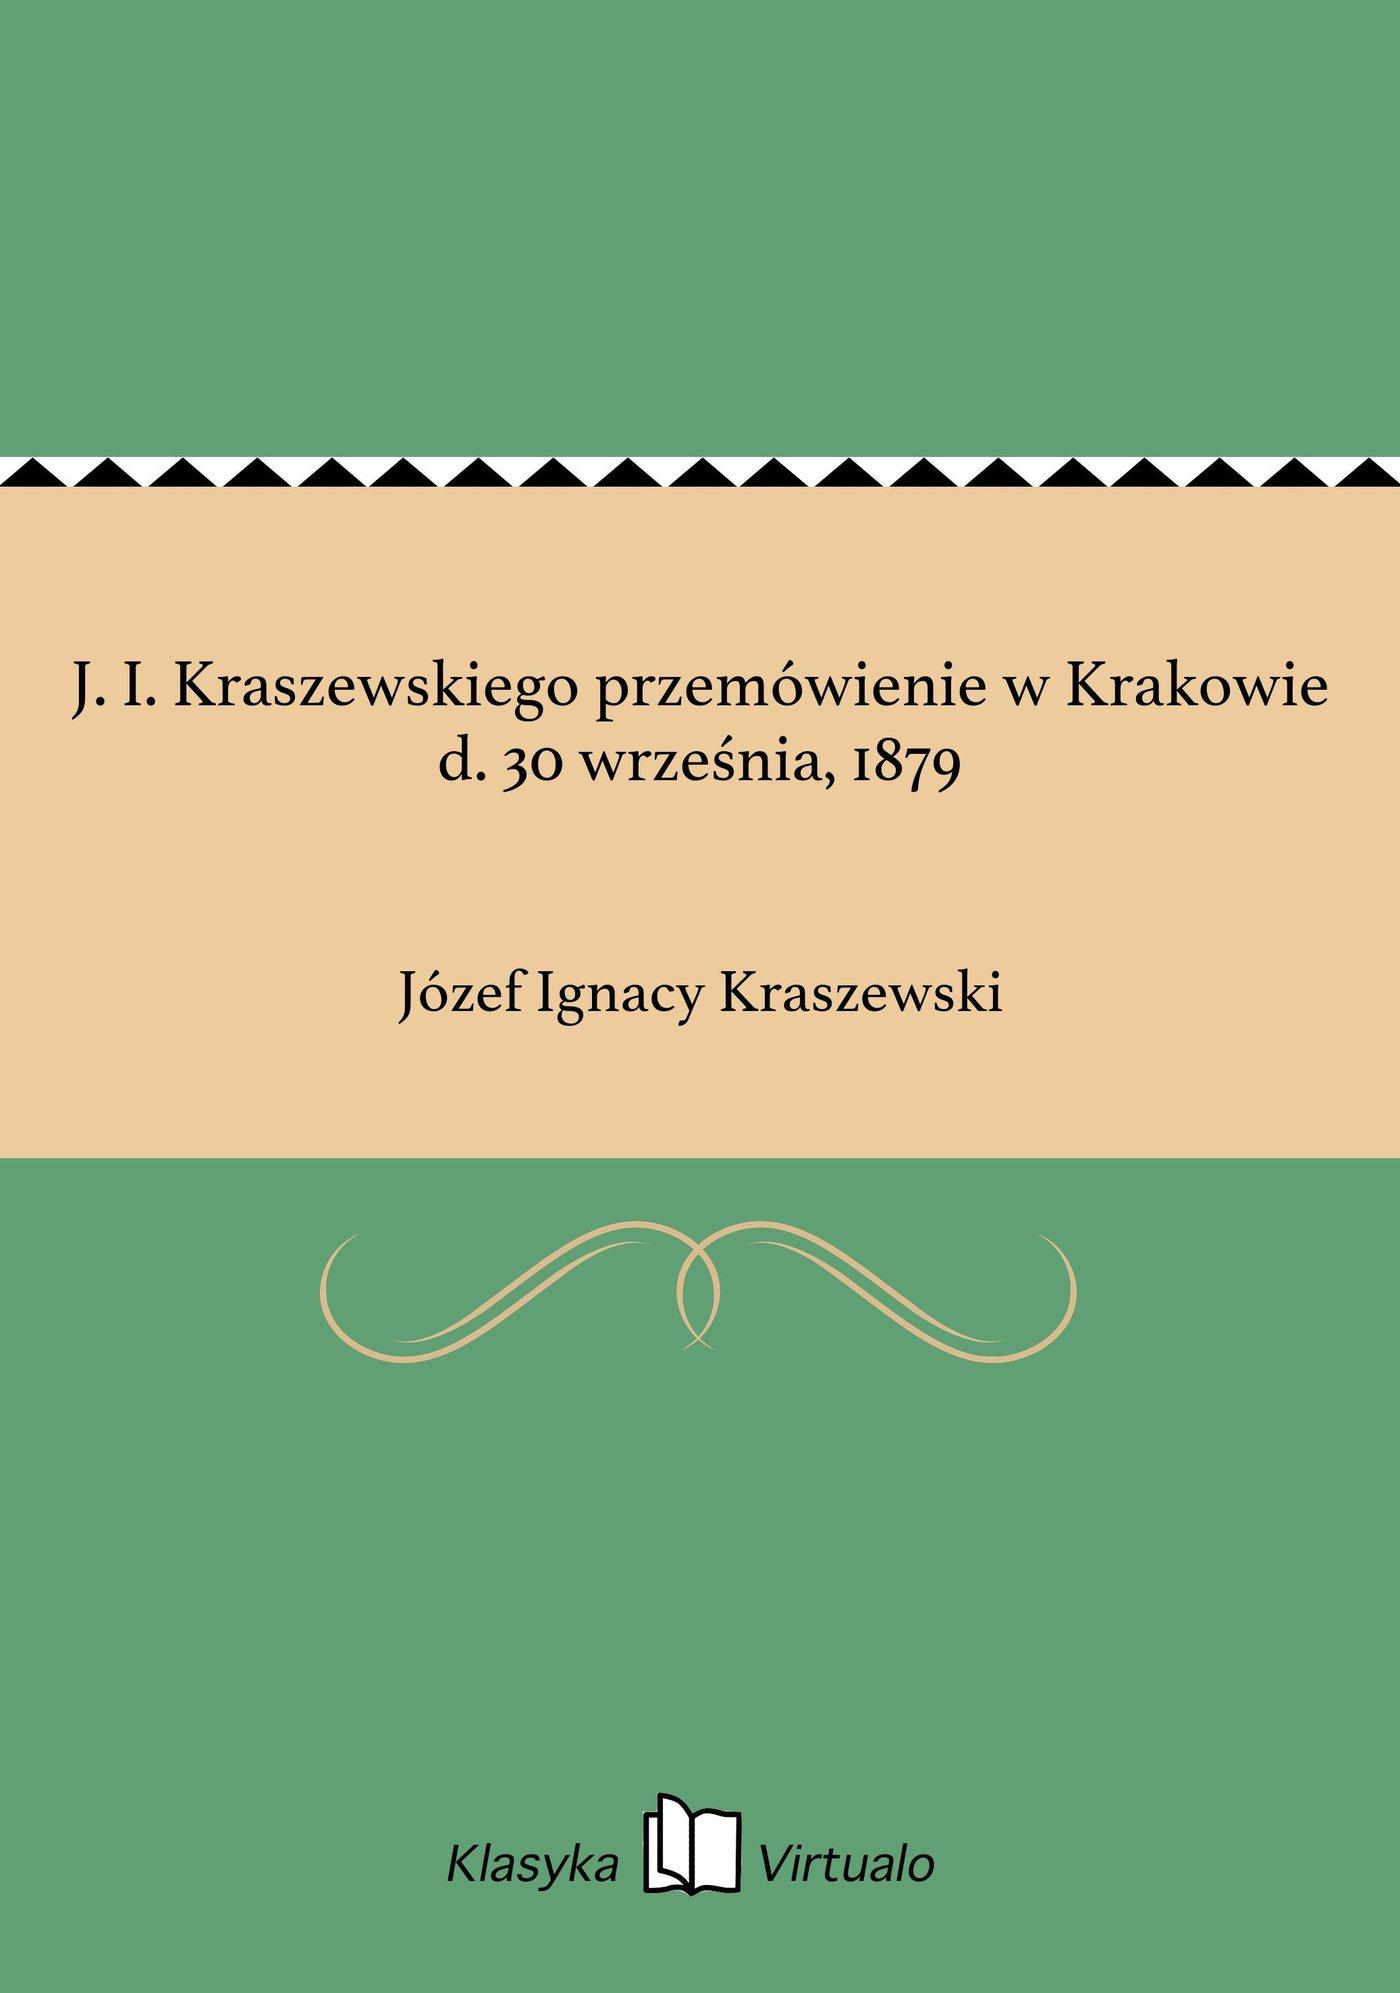 J. I. Kraszewskiego przemówienie w Krakowie d. 30 września, 1879 - Ebook (Książka EPUB) do pobrania w formacie EPUB